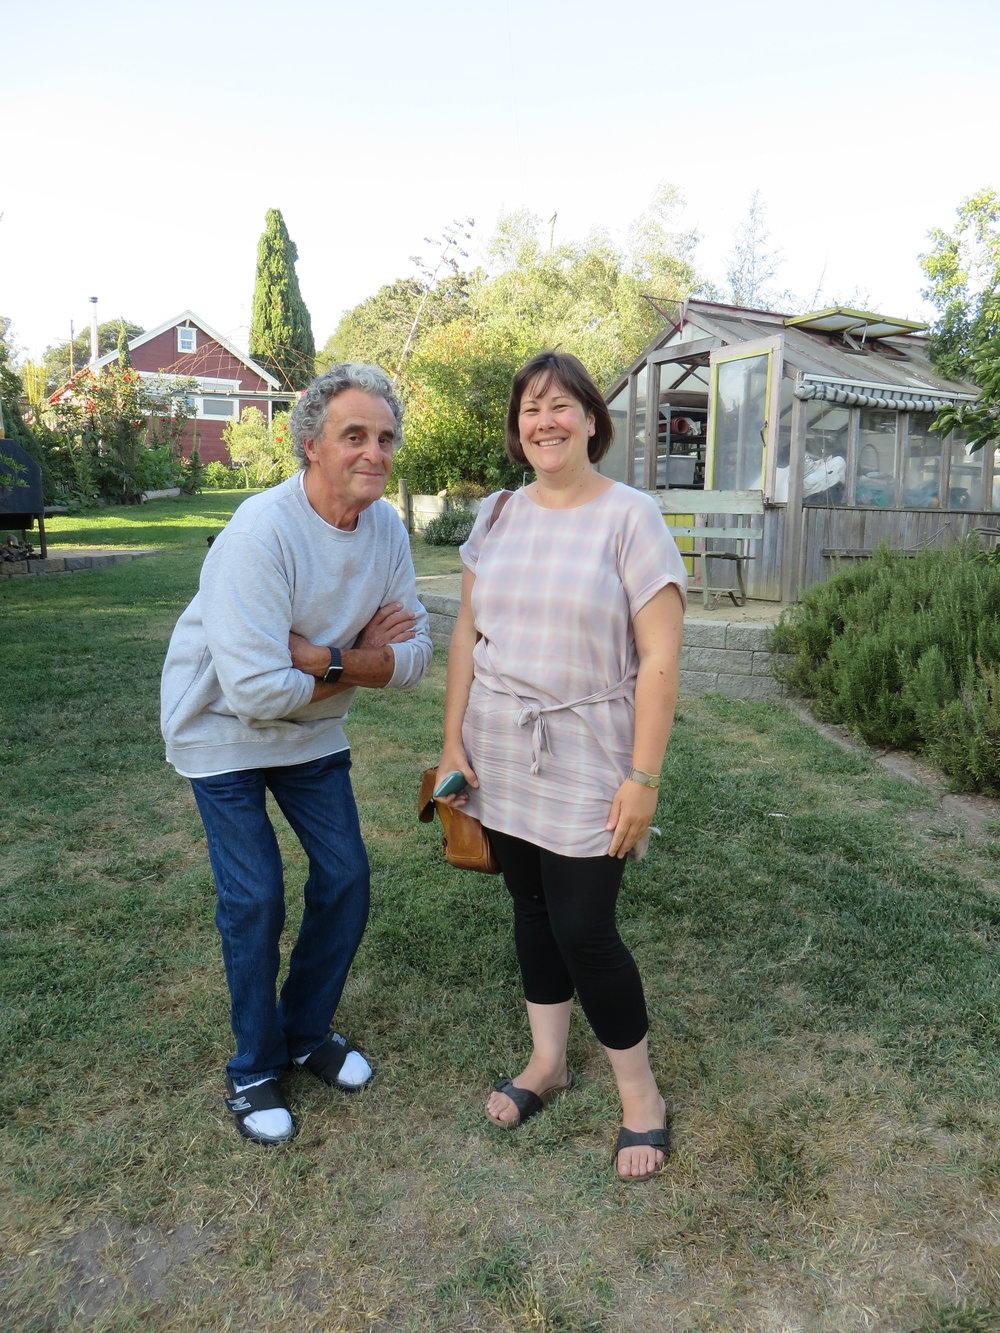 Edmund and Kim at the Della Fattoria ranch